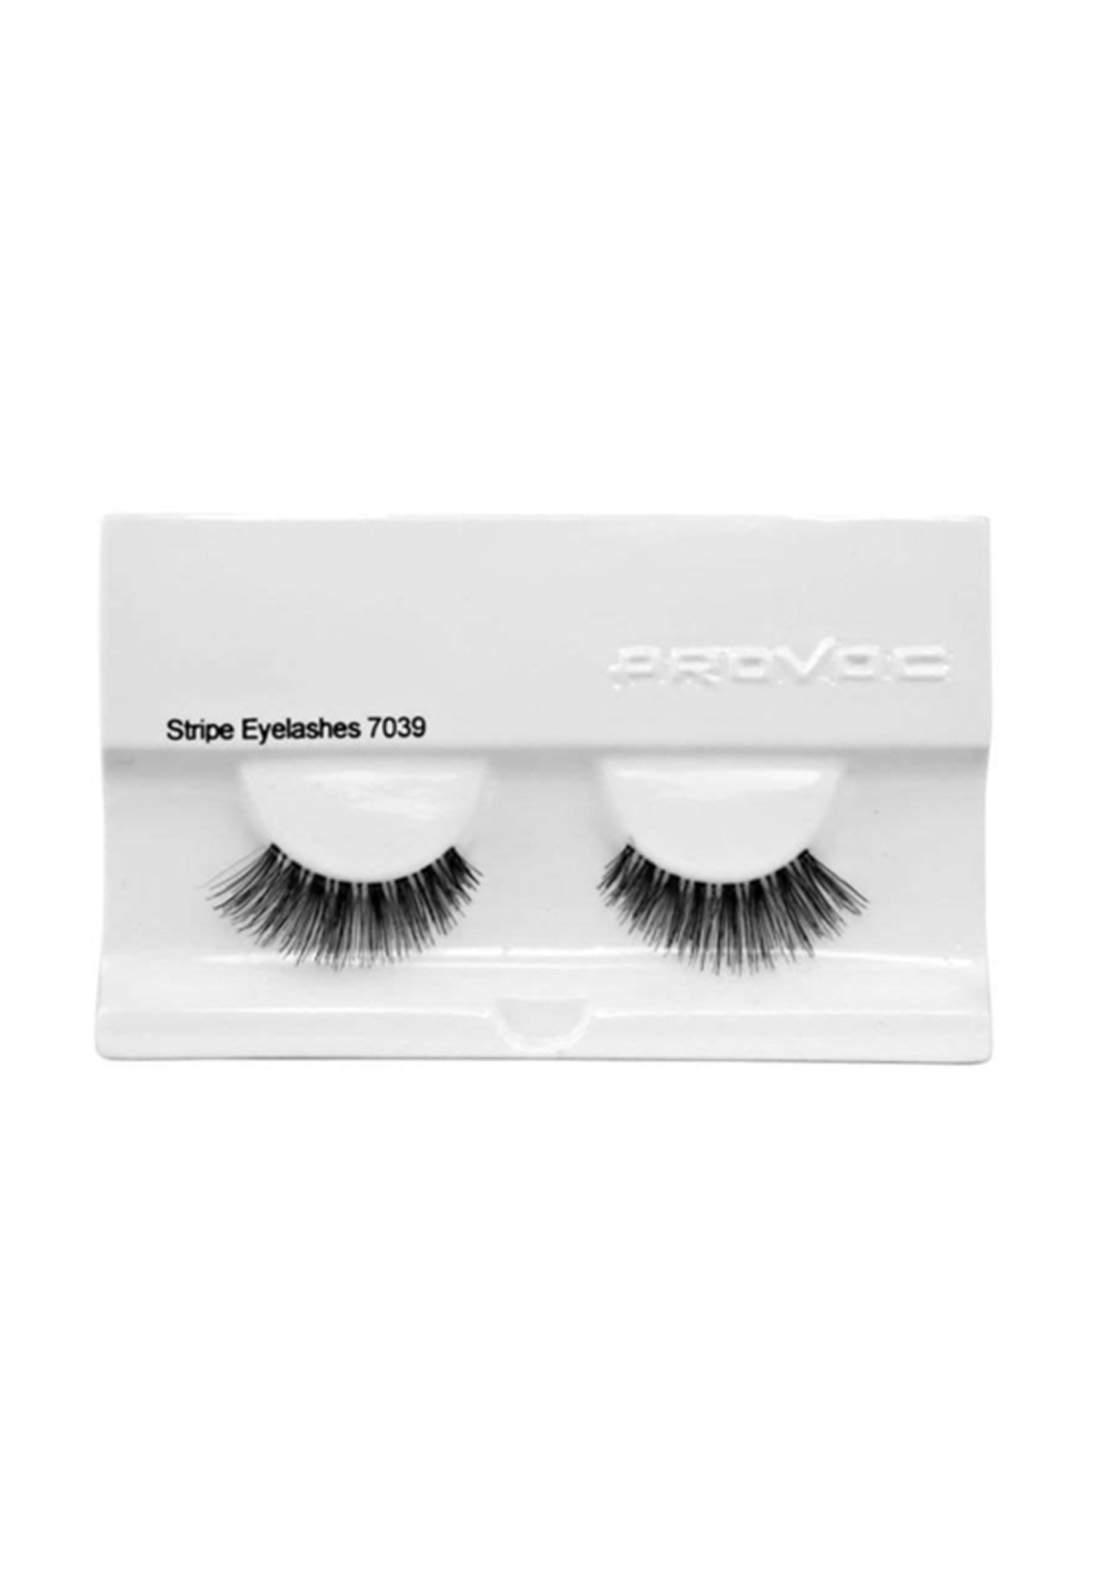 Provoc 353-0095 Stripe Eyelashes No.7039 رموش